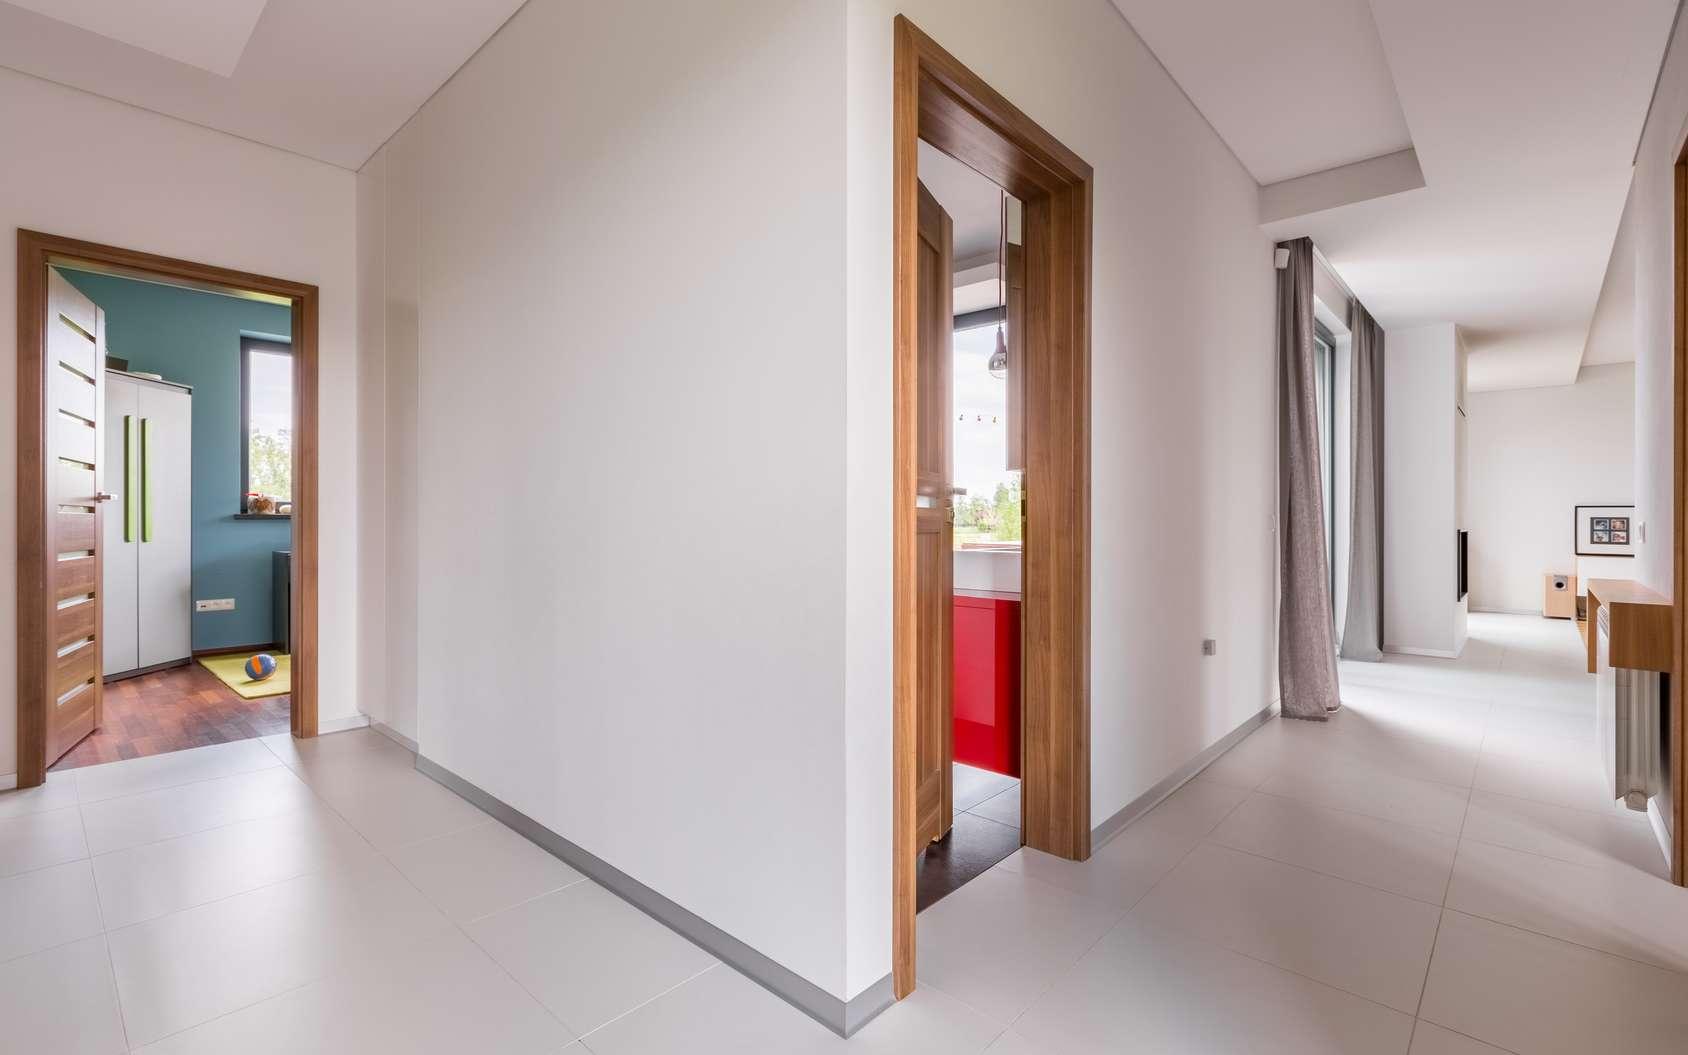 Un bloc porte acoustique, du confort dans la maison ! © Fotolia